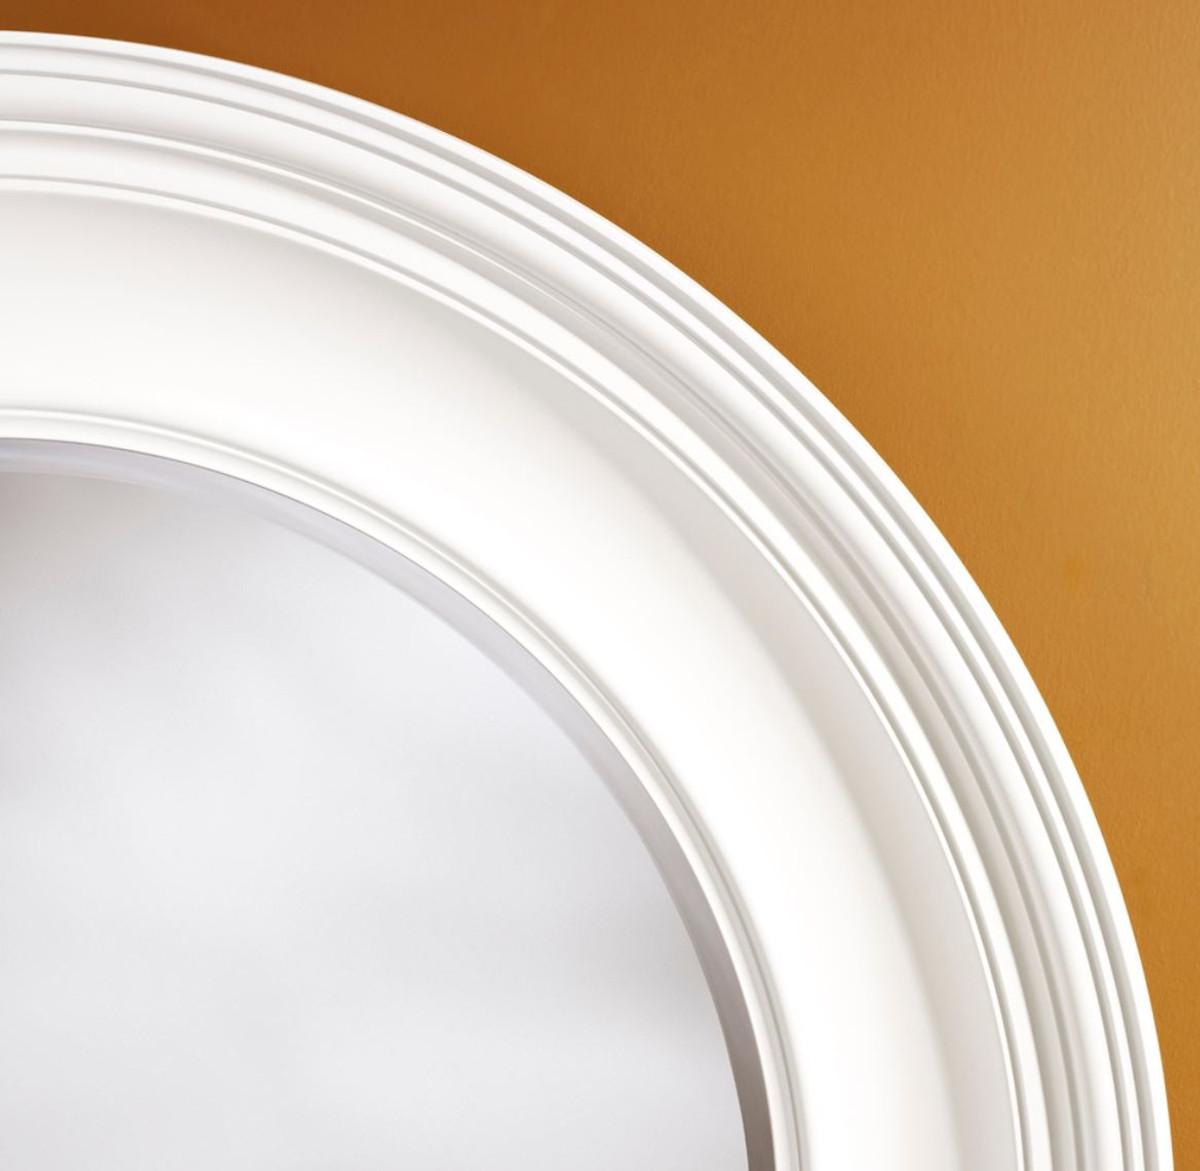 casa padrino luxus wohnzimmer spiegel weiß Ø 102 cm